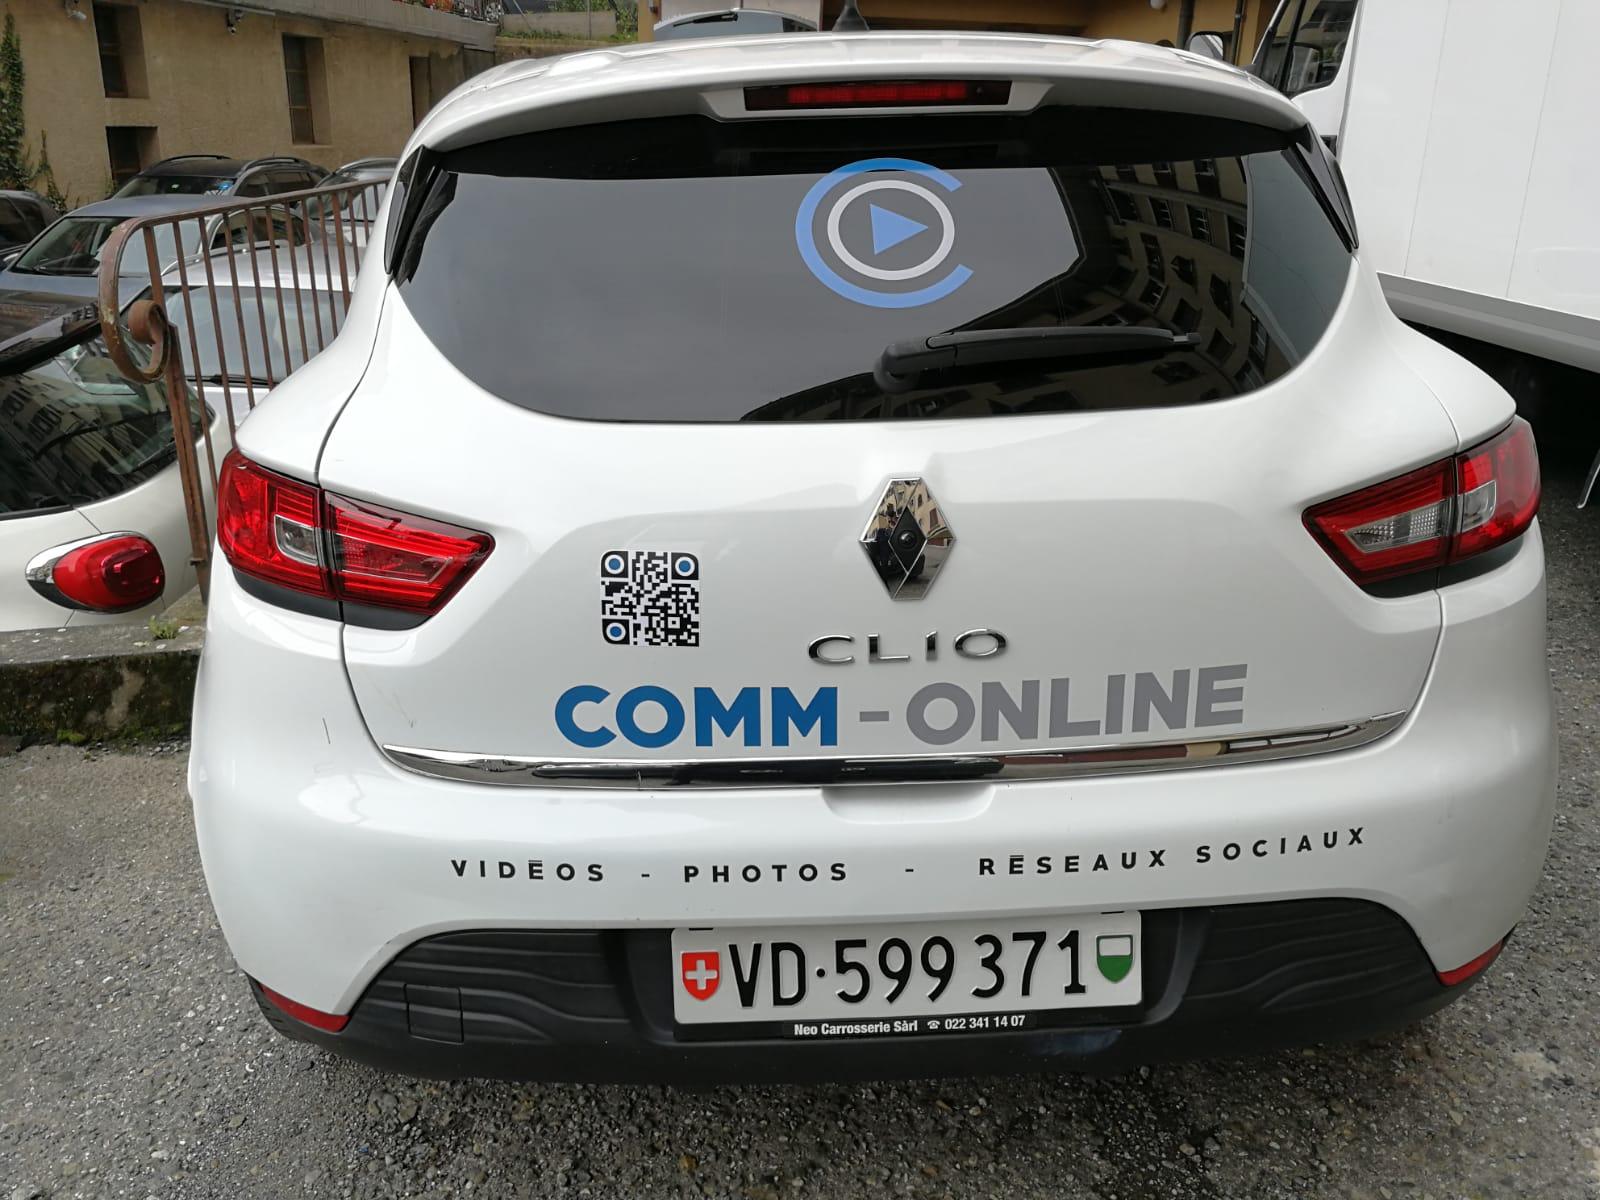 Labellisation stickers logo sur citadine portières, coffre, vitre arrière et capot (1)